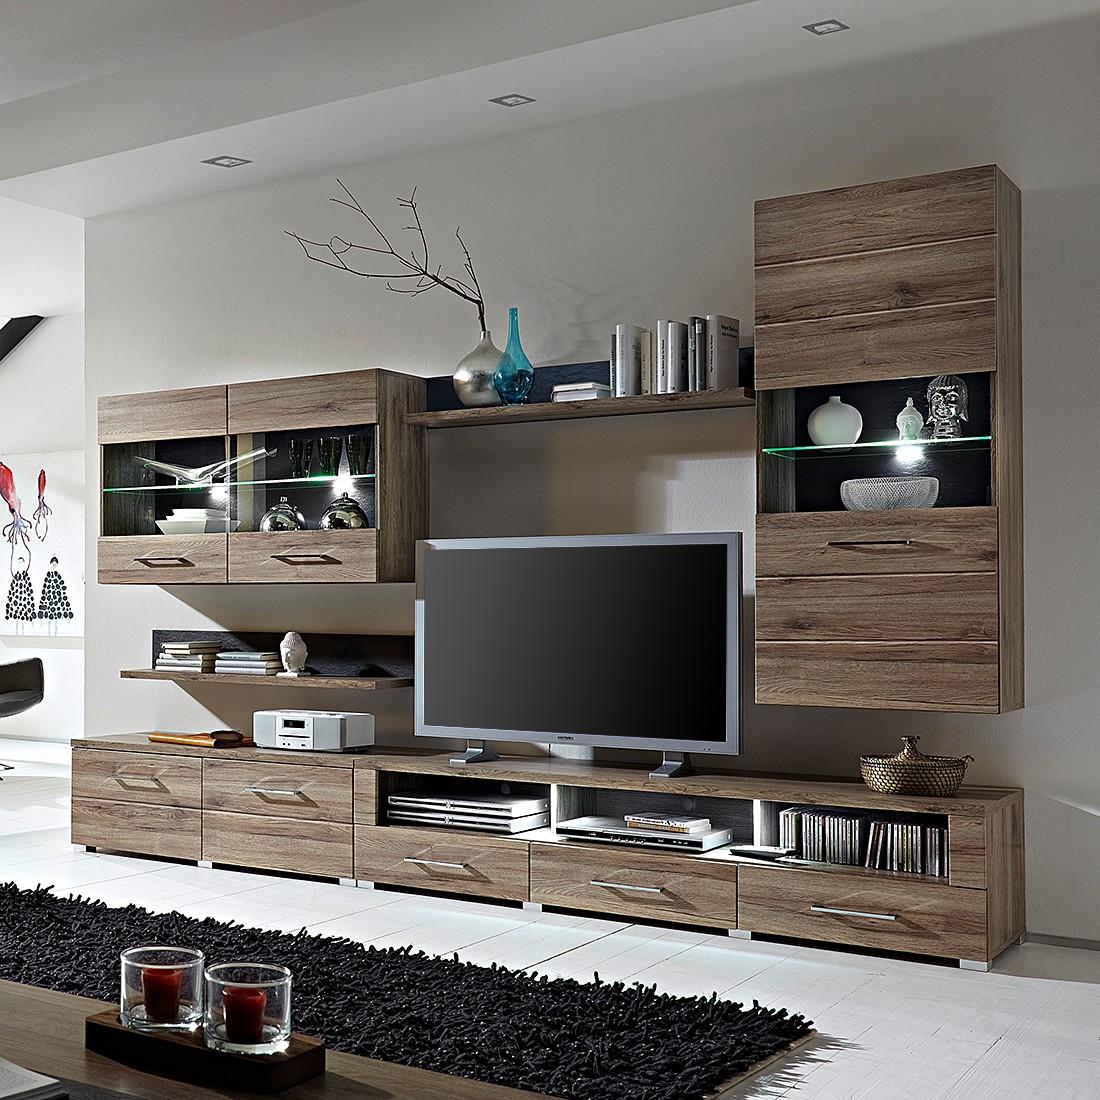 tour multimedia bois facade noire prix et meilleures offres. Black Bedroom Furniture Sets. Home Design Ideas